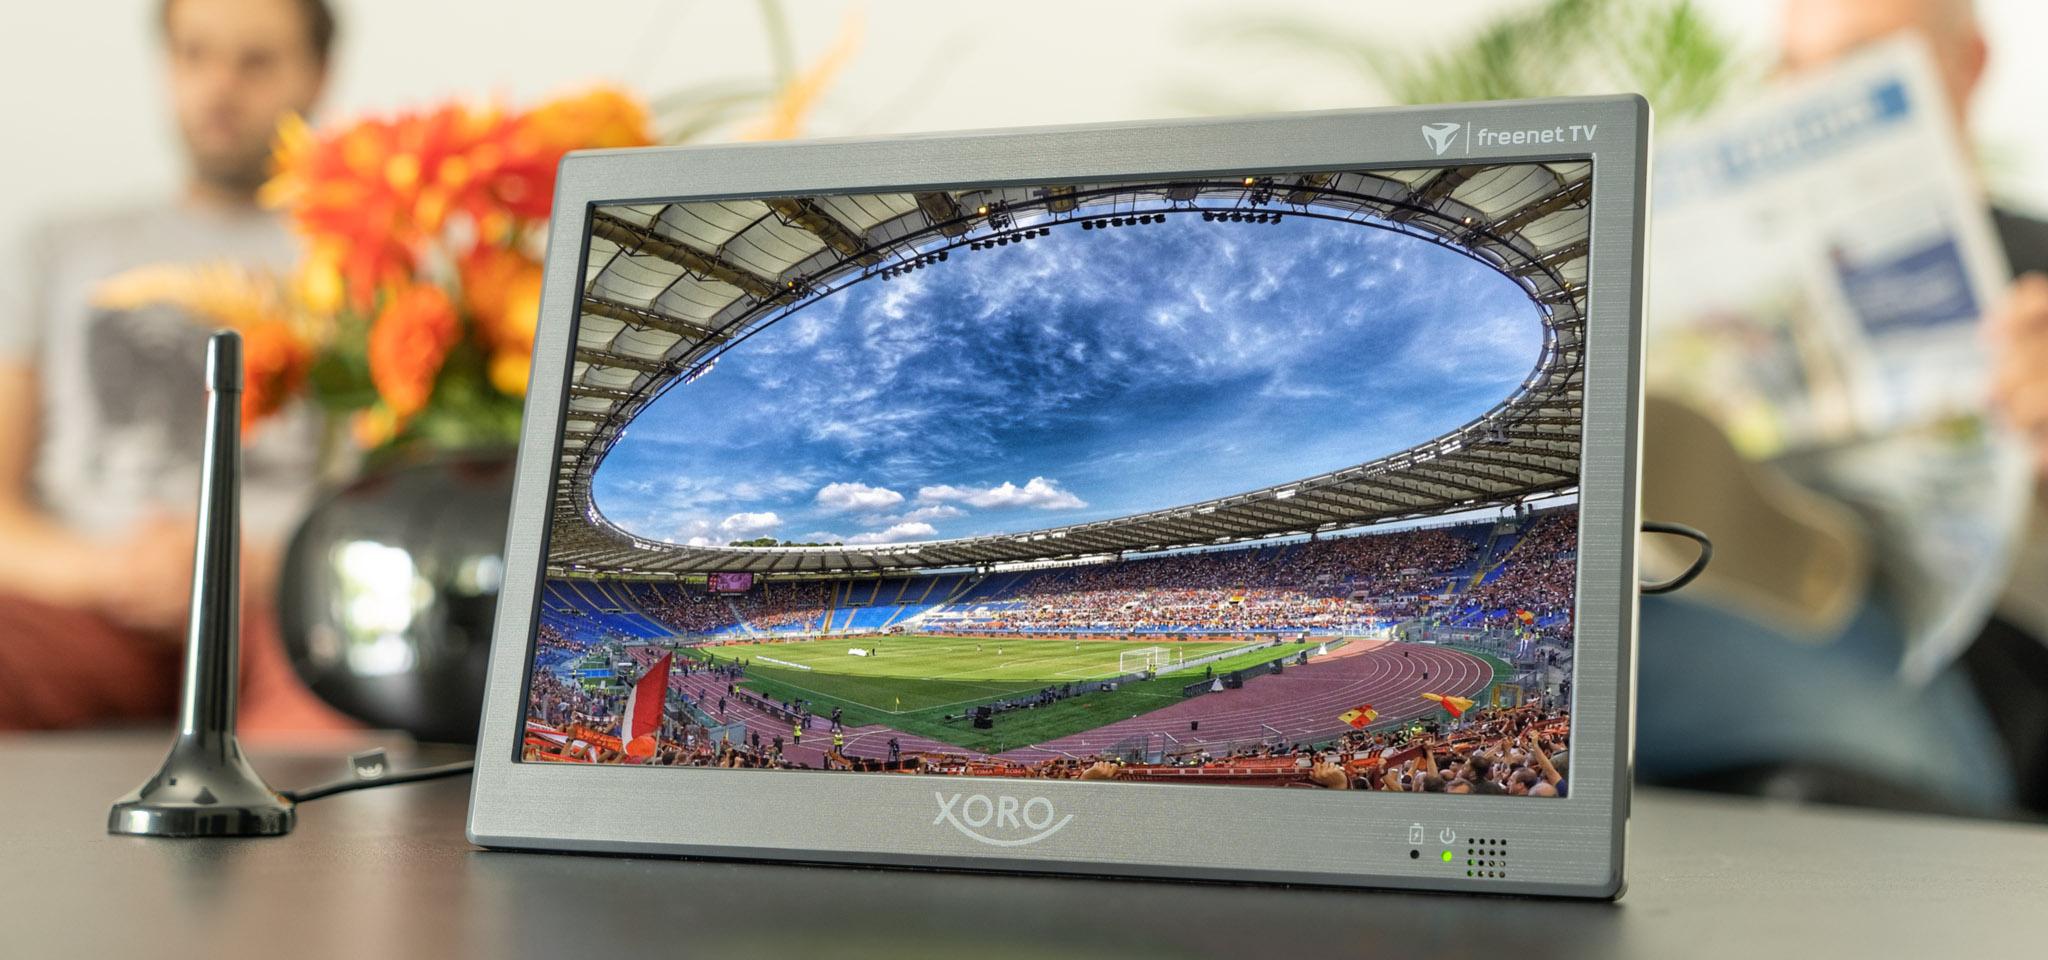 XORO PTL 1050 mit integriertem DVB-T2 HD Tuner und freenet